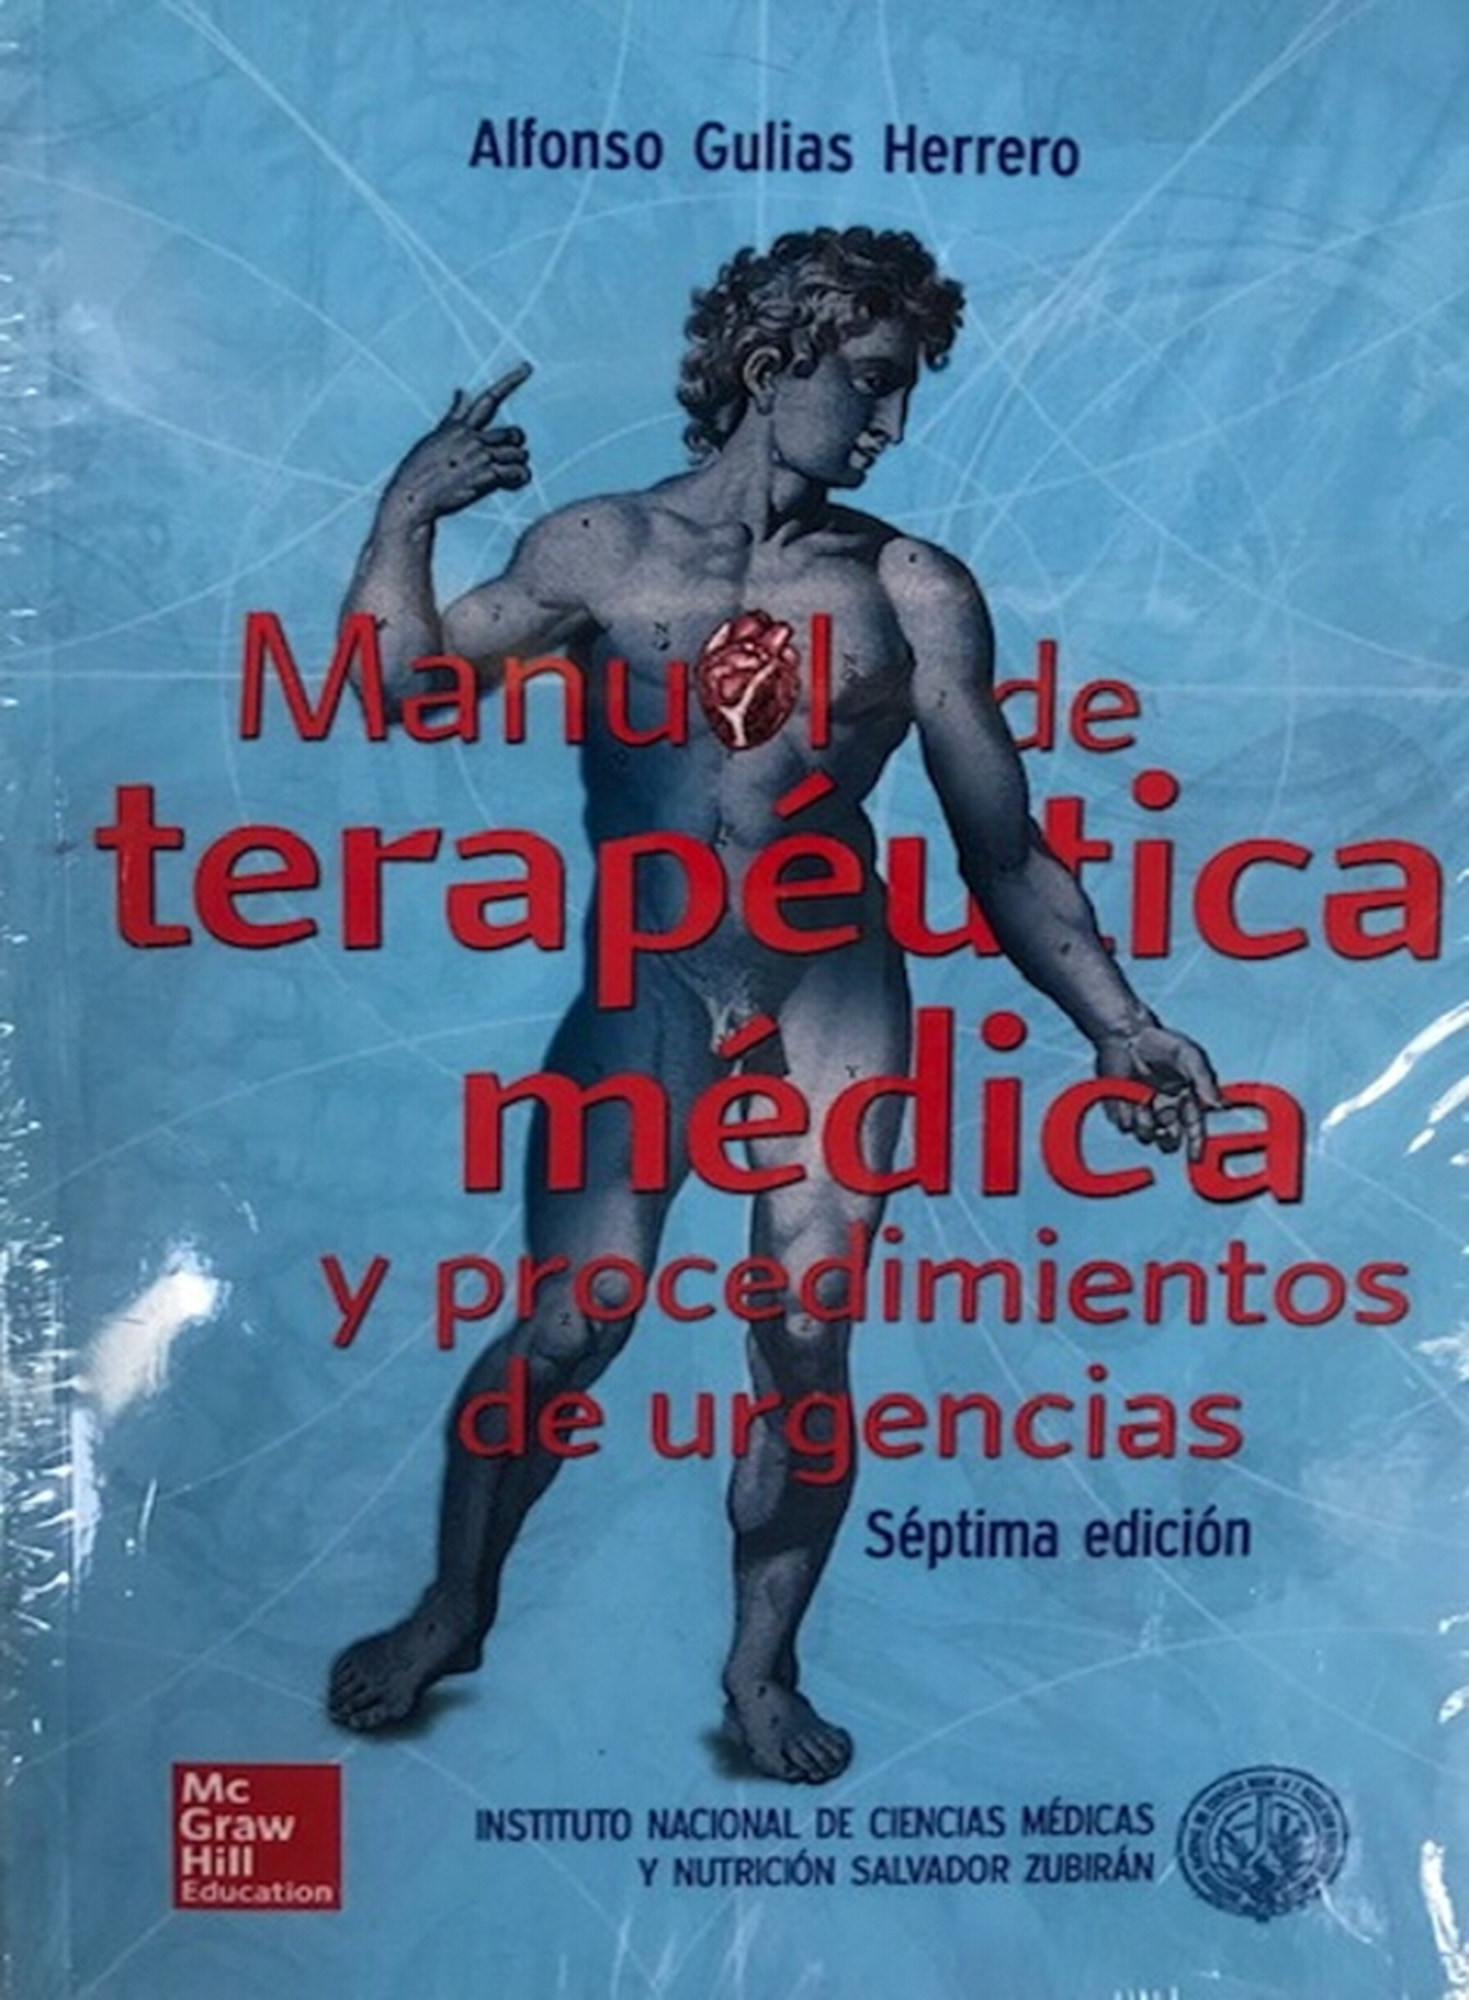 Chaianinha!!!, cha_ms065023 @iMGSRC.RU